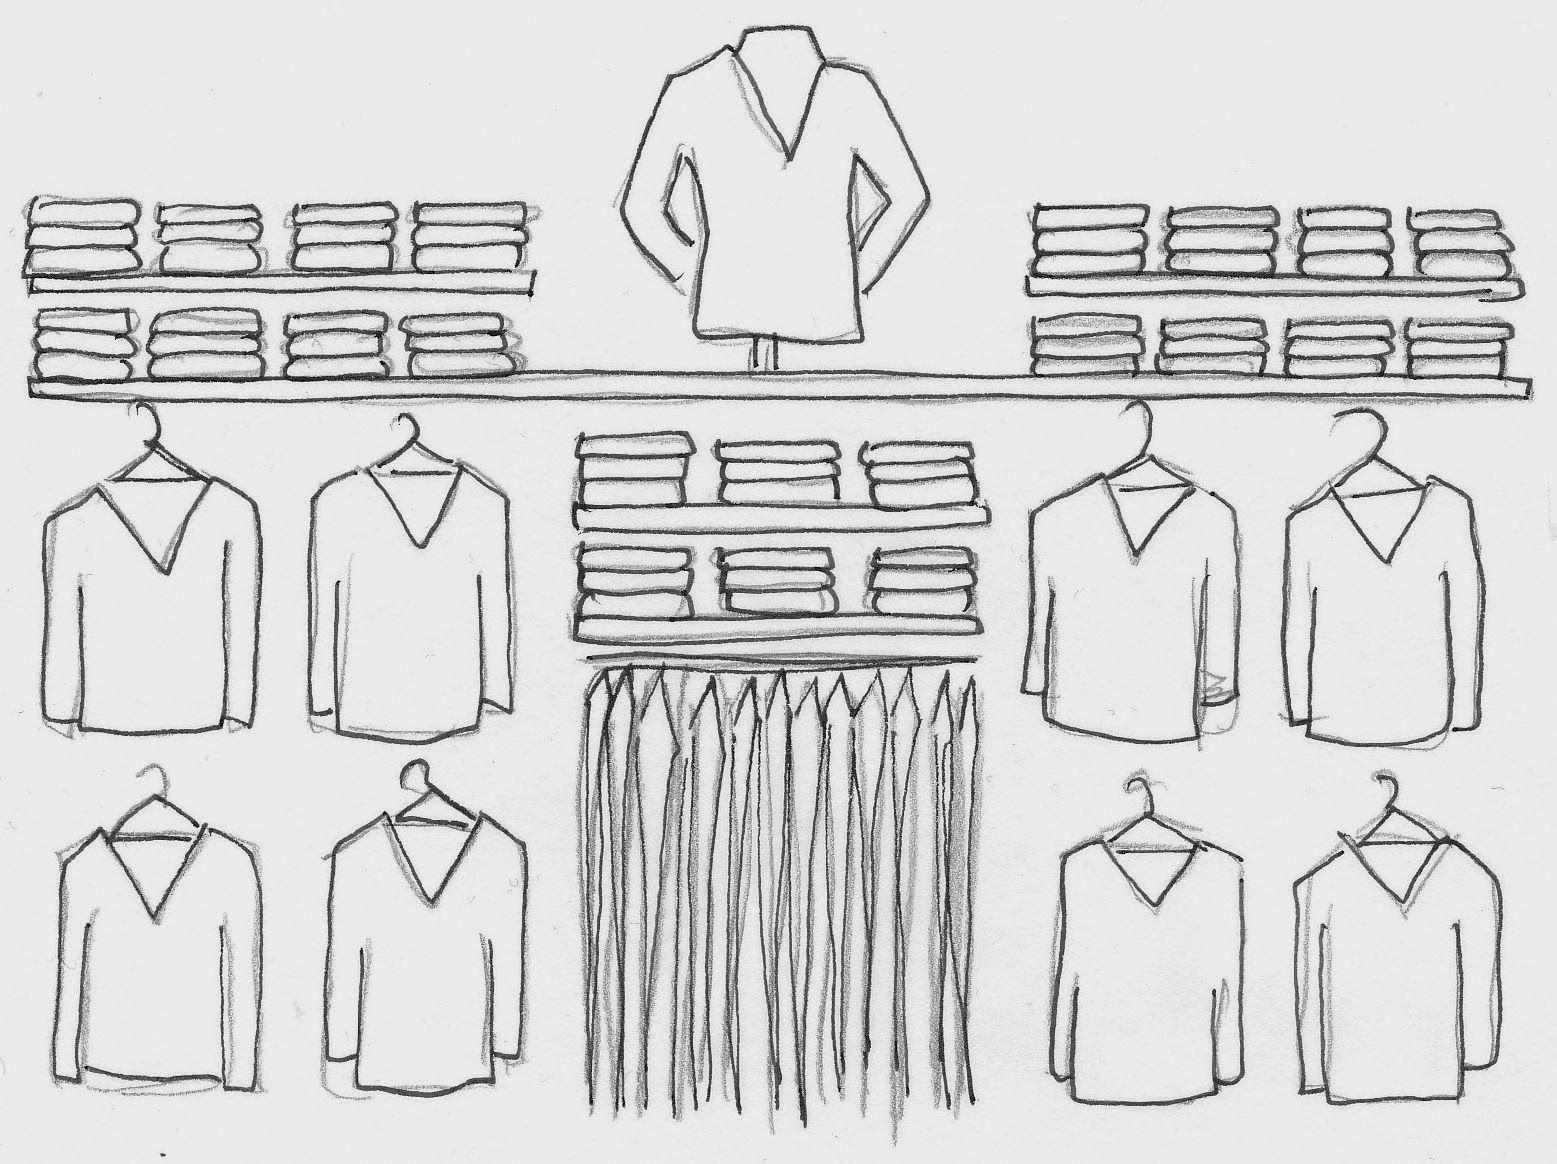 Planogram, Retail Merchandising, Visual Merchandising